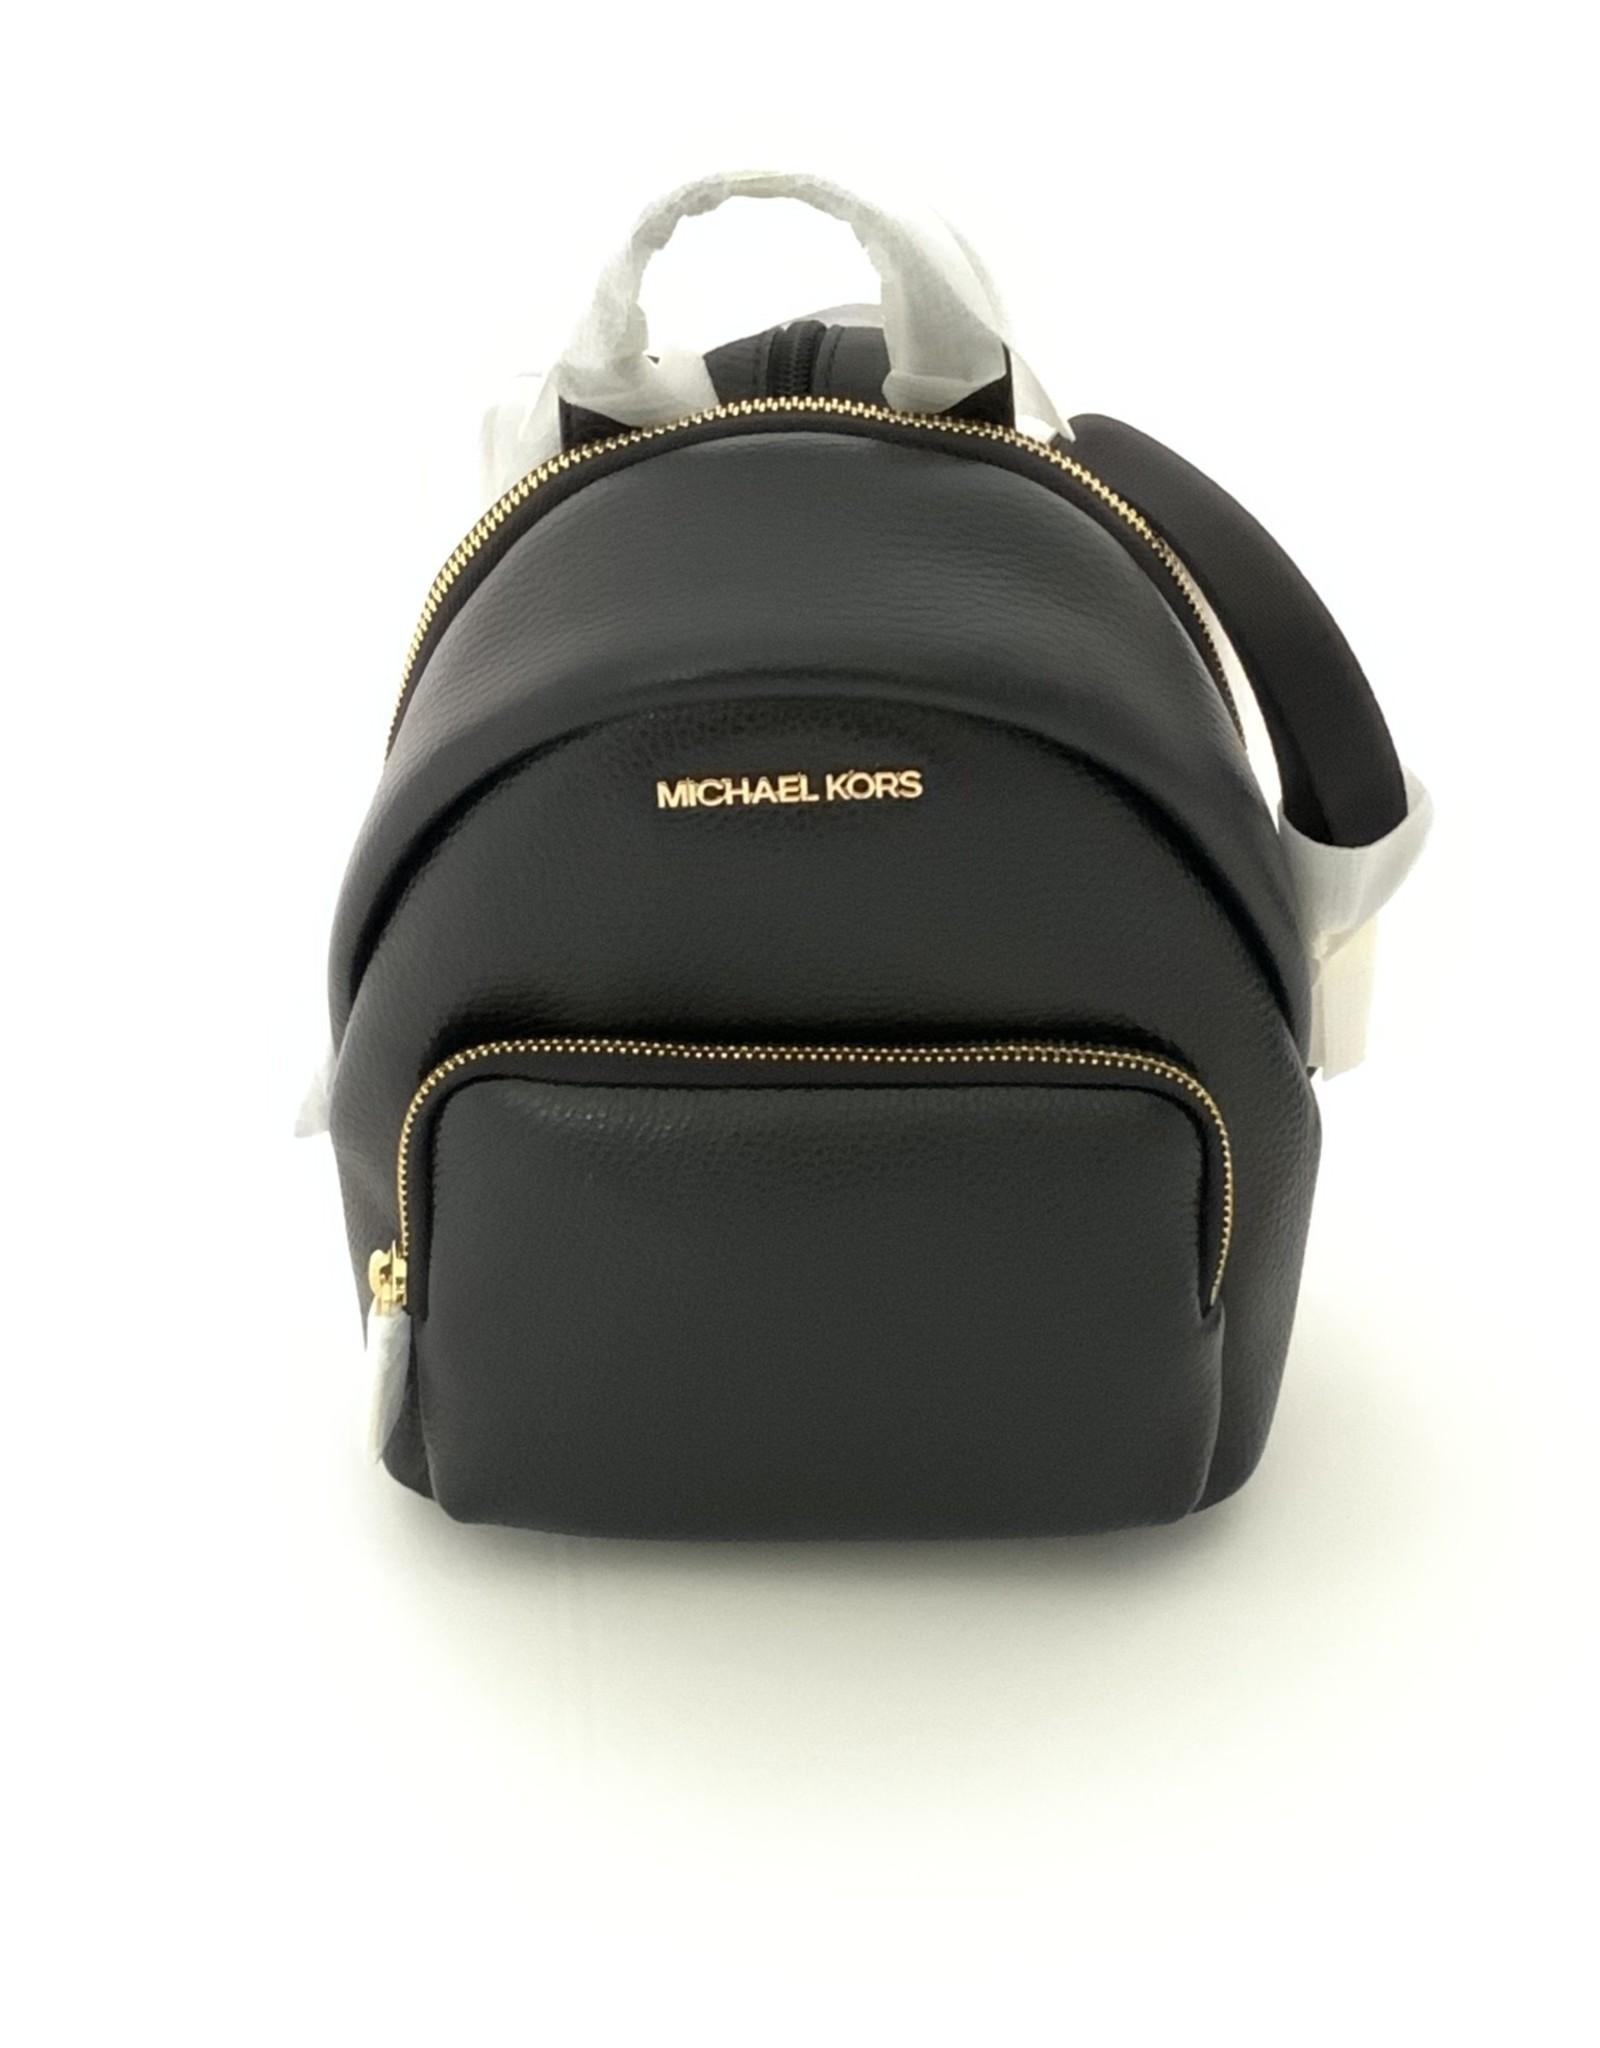 Michael Kors Michael Kors Backpack Conv Body/Sling Bag Erin